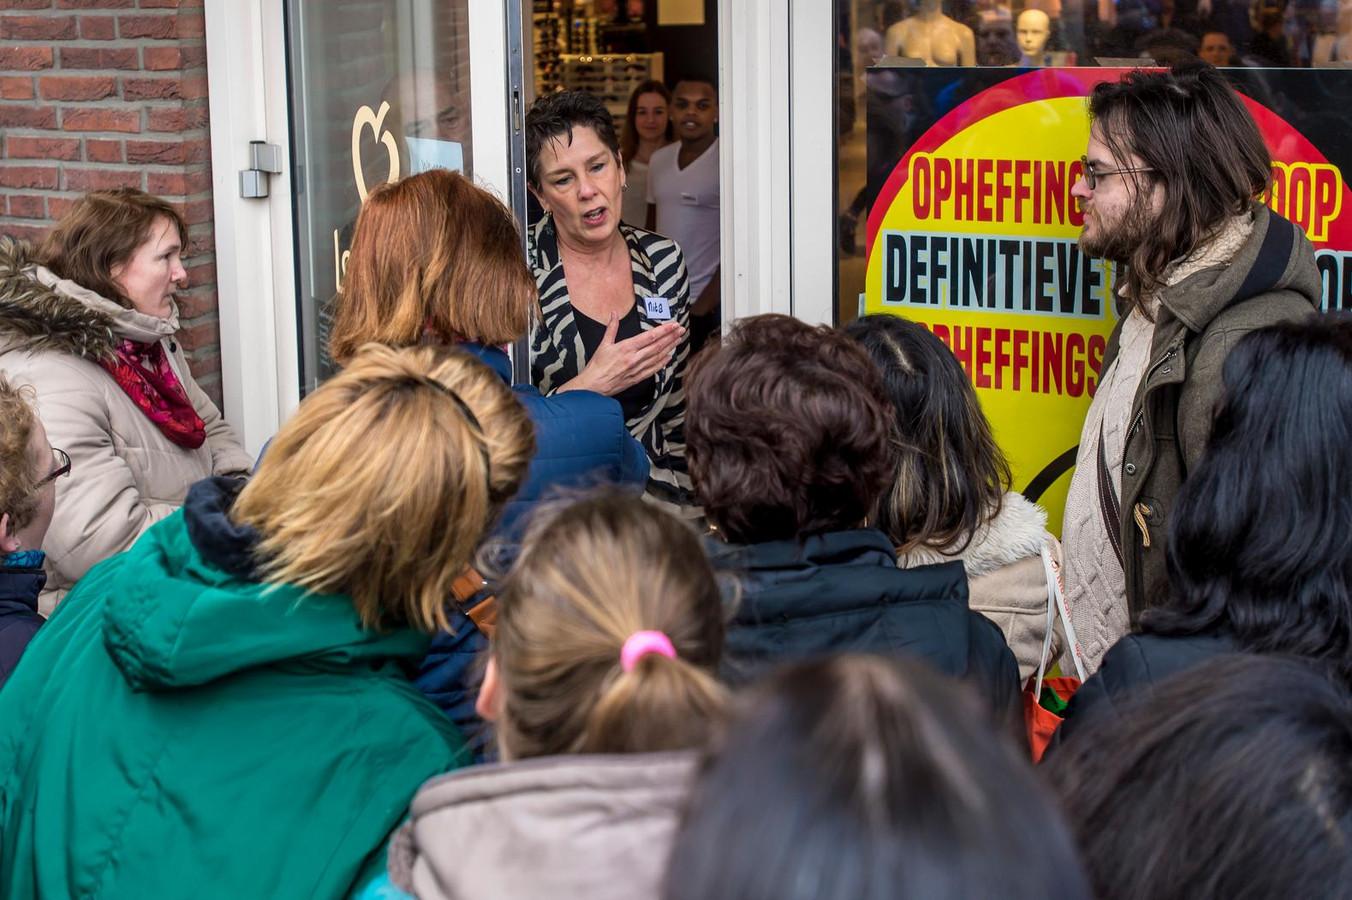 Toen Van Wijngaarden alle klanten zag bij de opheffingsverkoop in Gorinchem, dacht ze: 'Waar waren jullie al die tijd?'